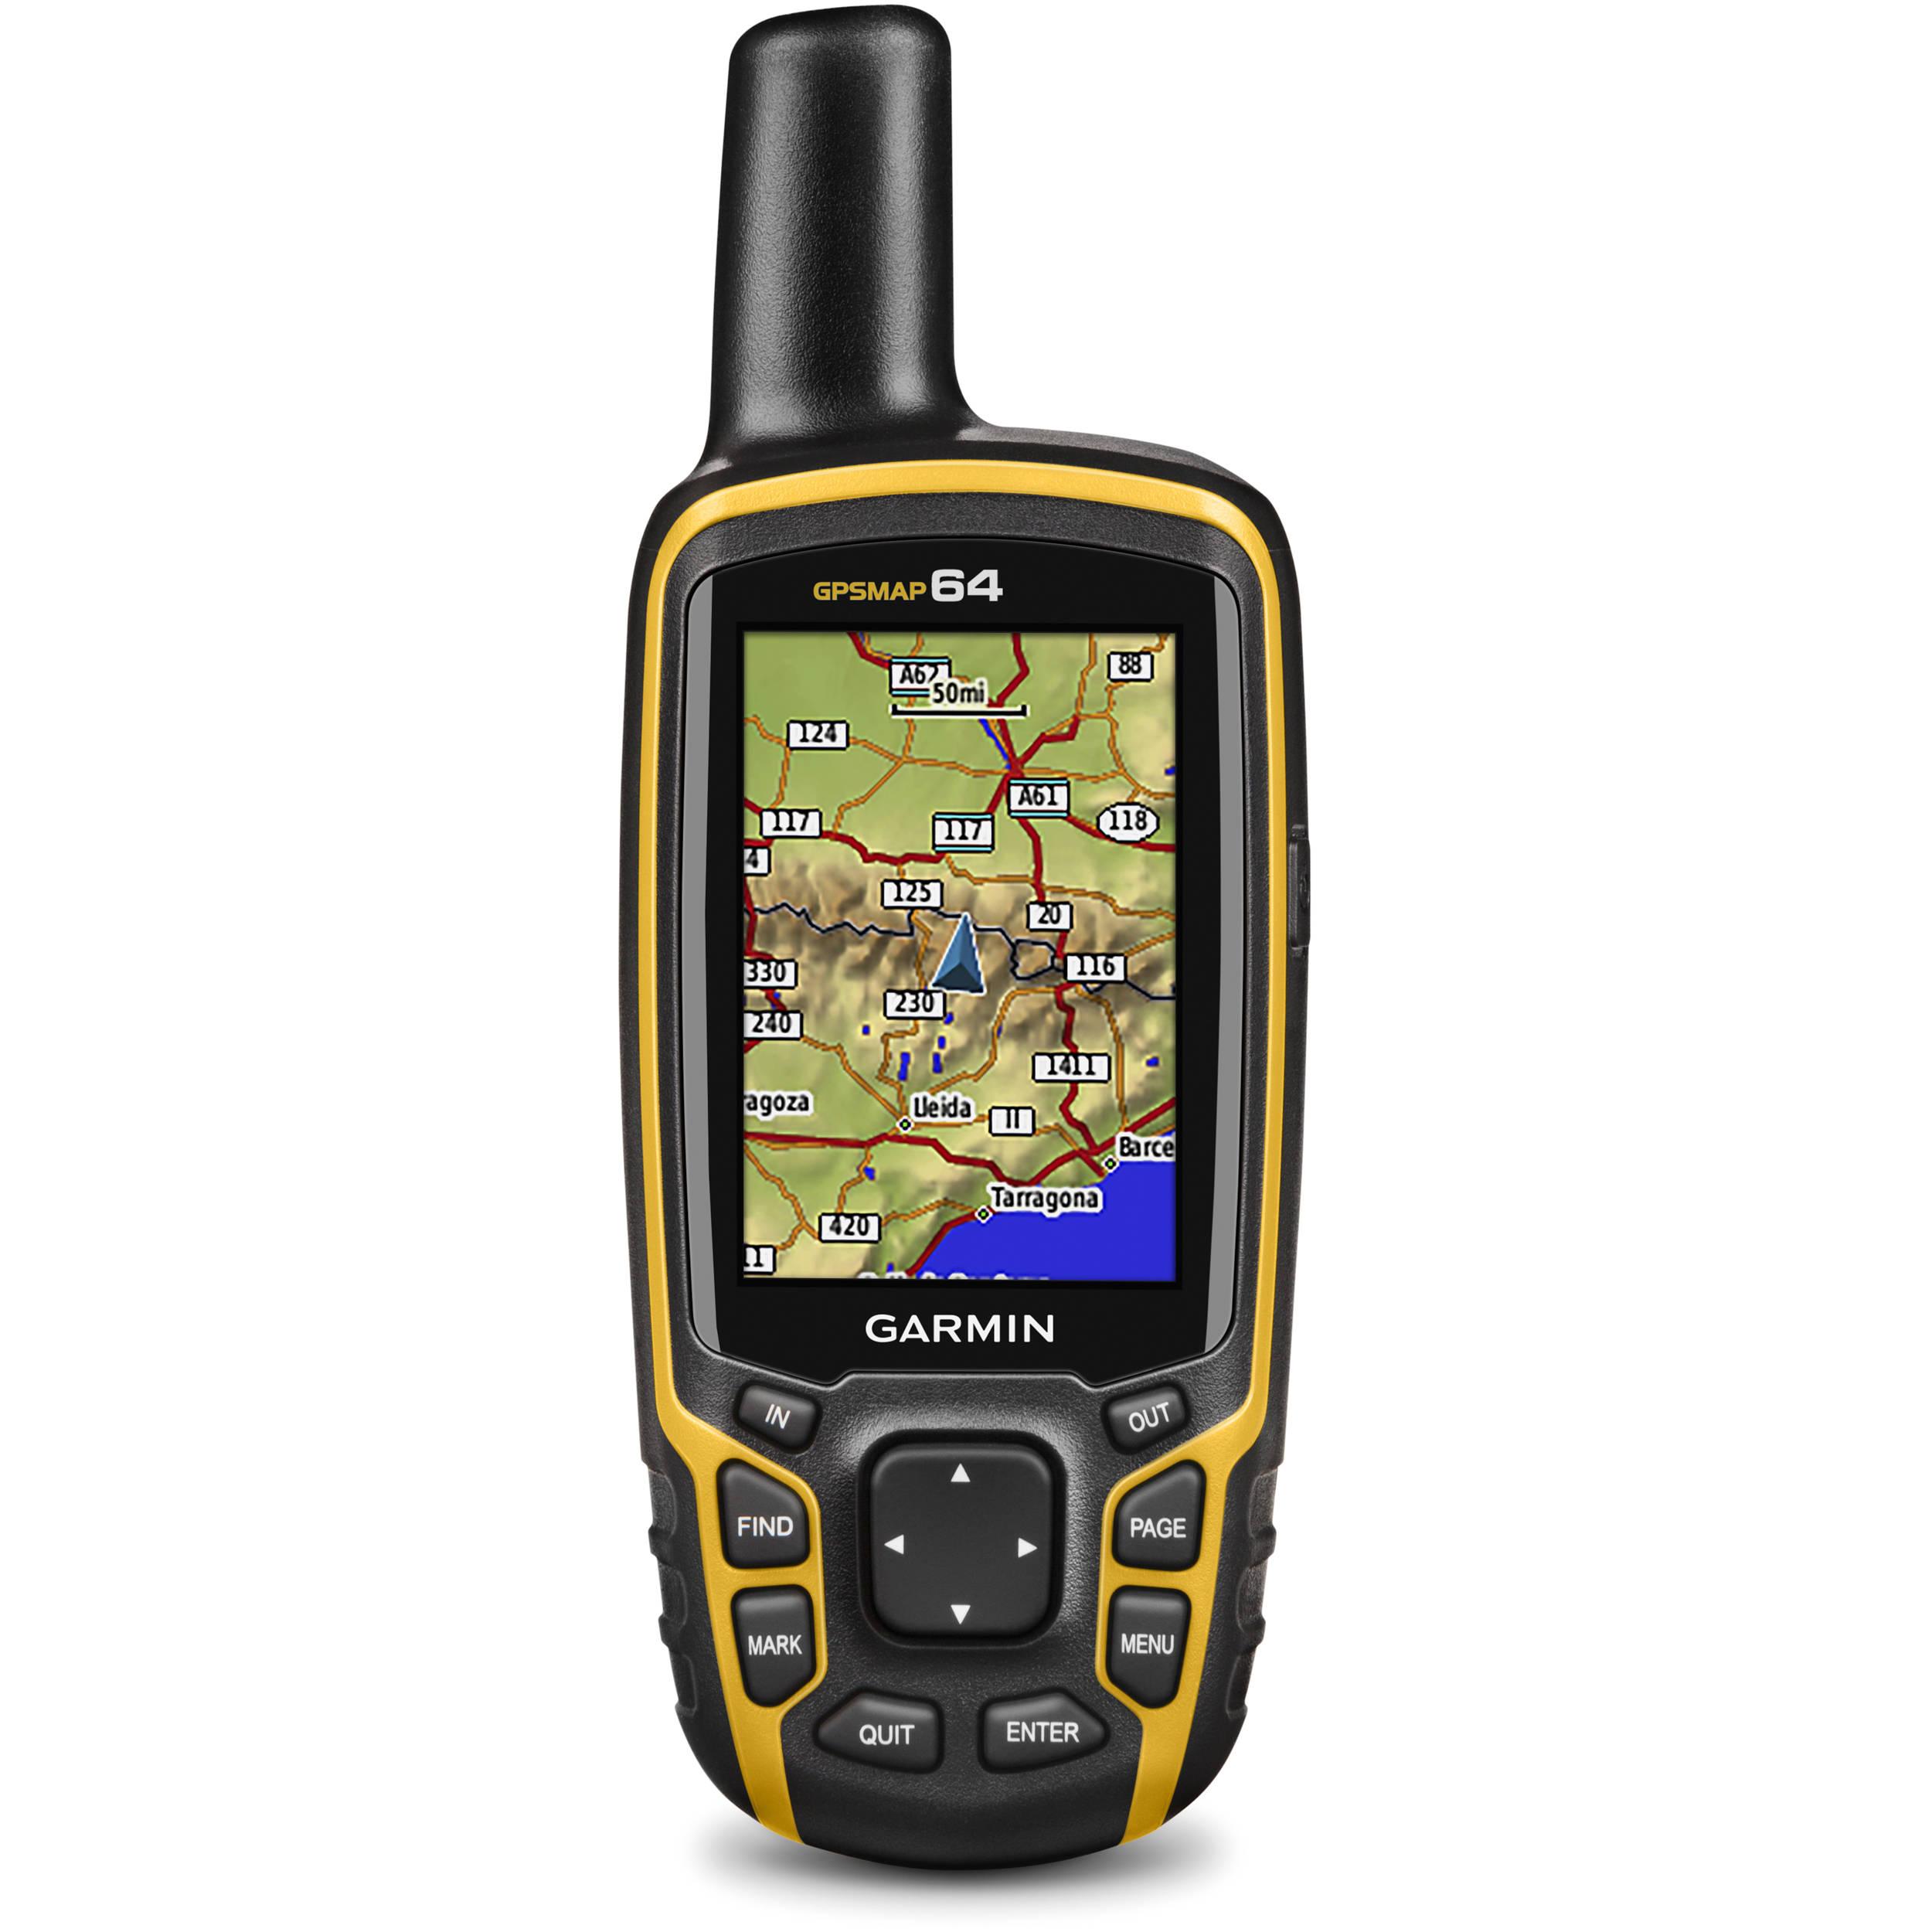 Garmin GPSMAP 64 Handheld GPS 010-01199-00 B&H Photo Video